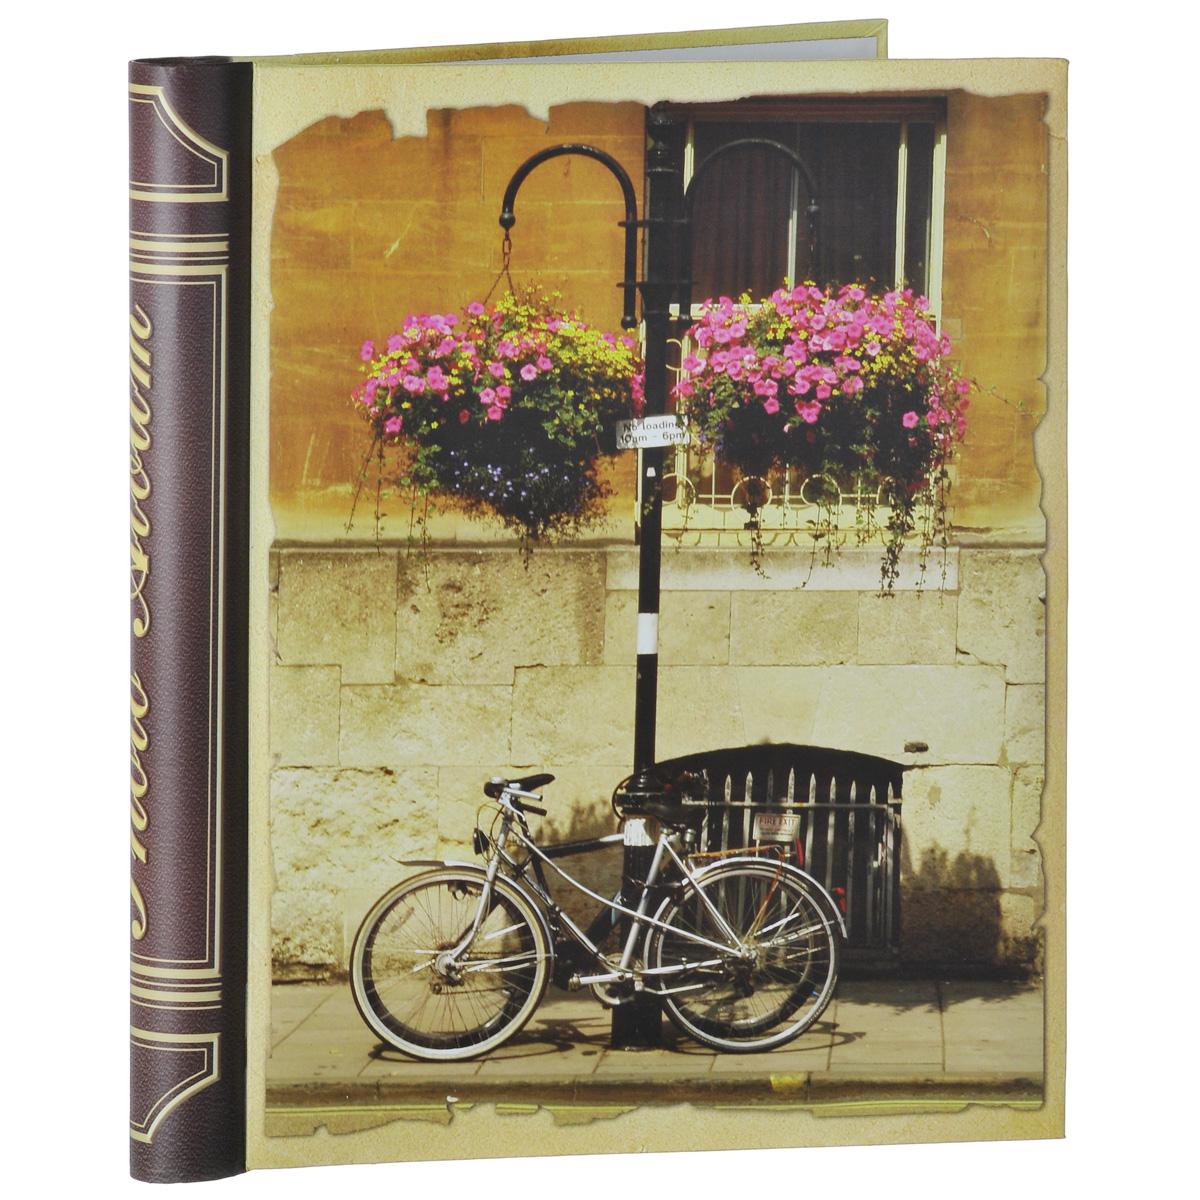 Фотоальбом Феникс-презент Велосипед, на кольцах, 10 магнитных листов, 24,5 х 29 см38774Фотоальбом Феникс-презент Велосипед, изготовленный из картона с клеевым покрытием и пленки ПВХ, сохранит моменты ваших счастливых мгновений на своих страницах! Обложка альбома оформлена изображением велосипеда. Листы размещены на пластиковых кольцах. Альбом с магнитными листами удобен тем, что он позволяет размещать фотографии разных размеров. Магнитные страницы обладают следующими преимуществами: - Не нужно прикладывать усилий для закрепления фотографий, - Не нужно заботиться о размерах фотографий, так как вы можете вставить в альбом фотографии разных размеров, - Защита фотографий от постоянных прикосновений зрителей с помощью пленки ПВХ.Нам всегда так приятно вспоминать о самых счастливых моментах жизни, запечатленных на фотографиях. Поэтому фотоальбом является универсальным подарком к любому празднику. Вашим родным, близким и просто знакомым будет приятно помещать фотографии в этот альбом.Количество листов: 10 шт.